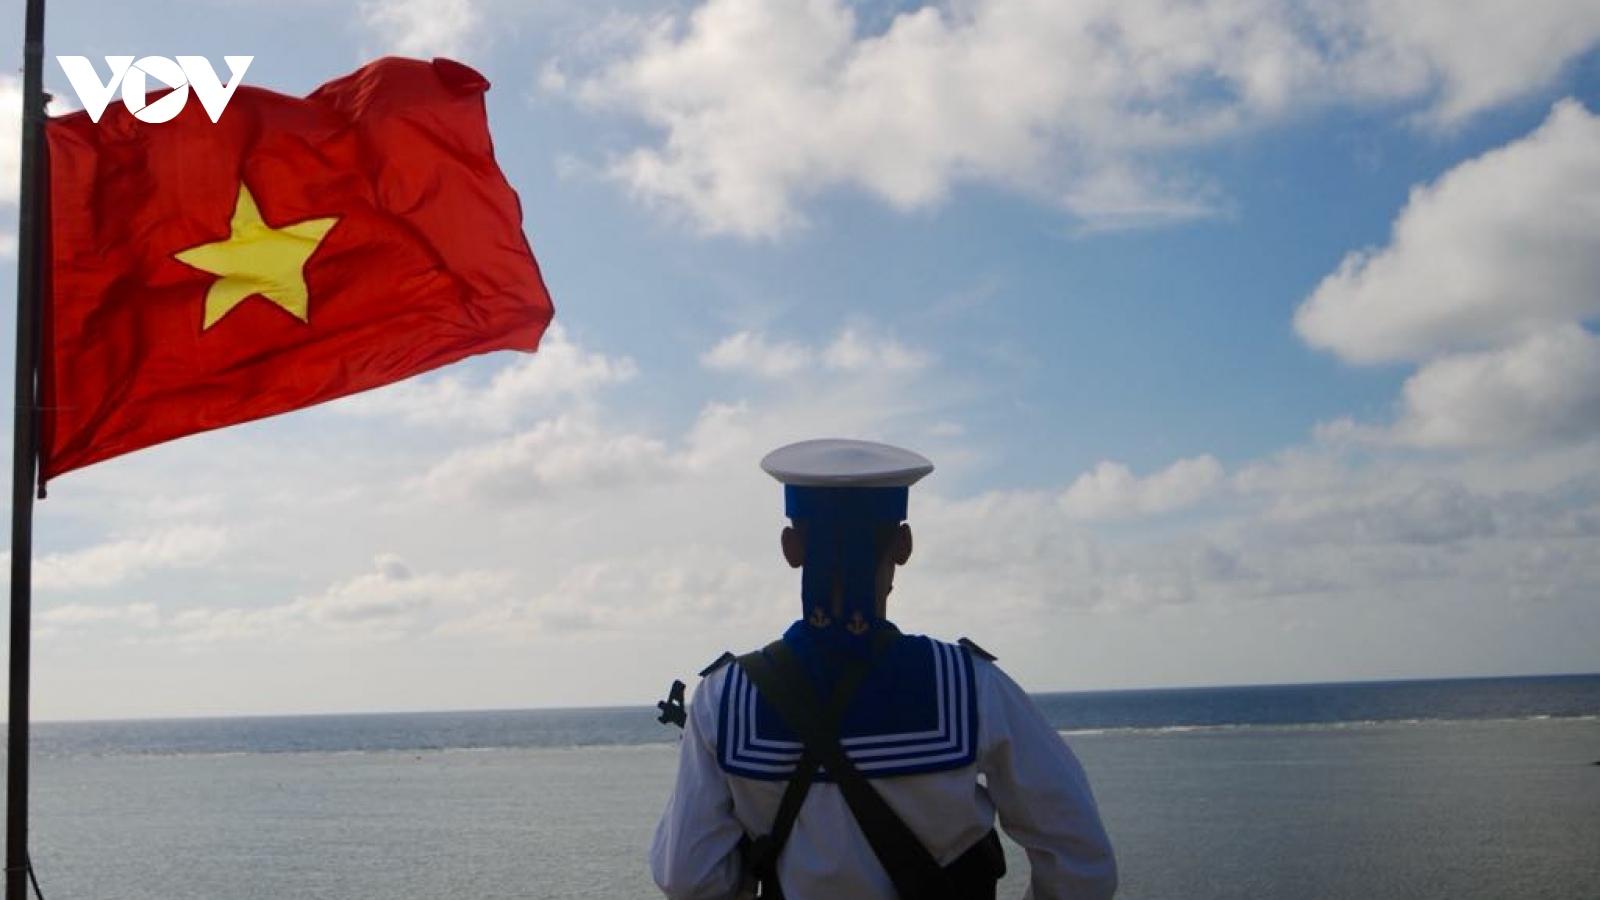 """Ký sự """"Đất nước nhìn từ biển"""" - cái nhìn toàn diện về Biển Đông"""